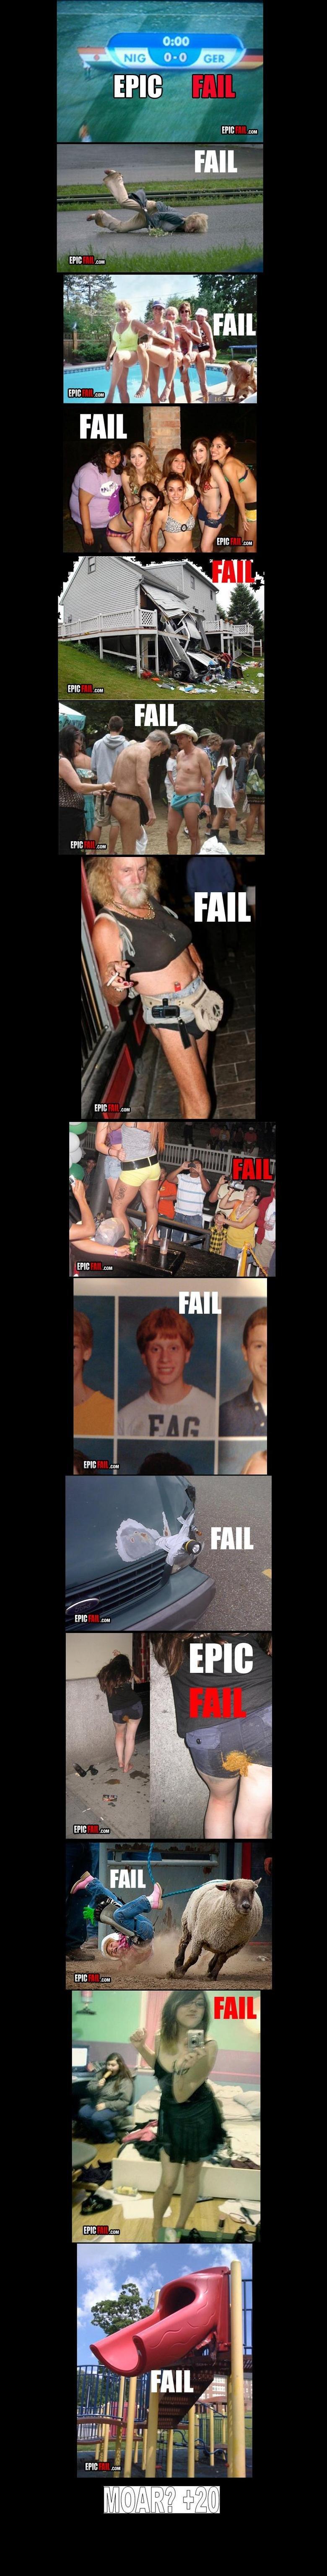 Epic Fails 3. None should be Retoast<br /> Epic Fails 2:<br />. SAY WHAAAAAAAAAAAAAAAAAAAAAAAAAAAAAAAAAAAAT Epic Fails 3 None should be Retoast<br /> 2:<br SAY WHAAAAAAAAAAAAAAAAAAAAAAAAAAAAAAAAAAAAT